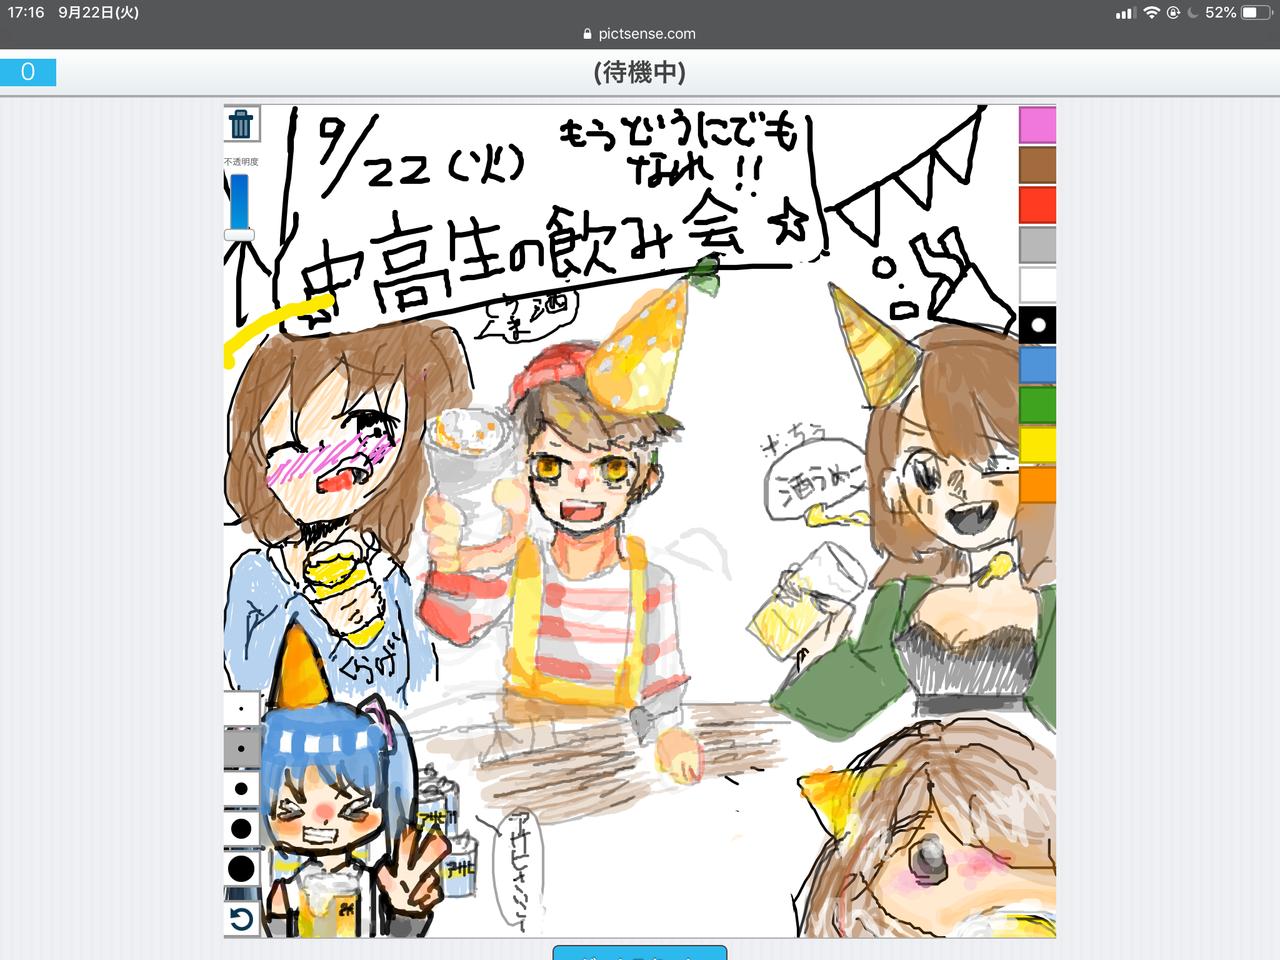 ぴくちぇん Illust of 🥩ちぅ🥩 ピクトセンス 合作 代理